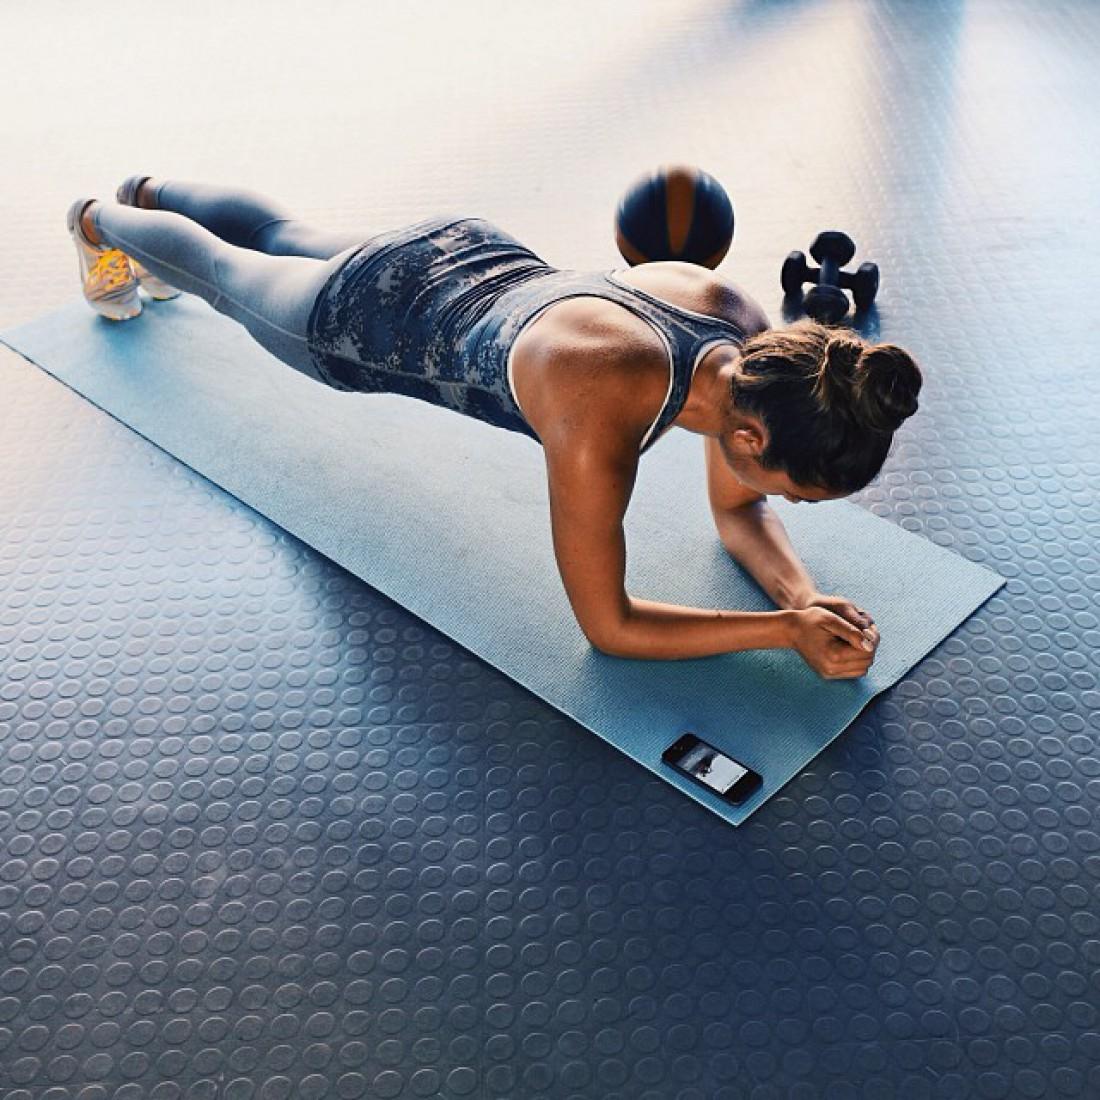 Планка способствует выпрямлению спины